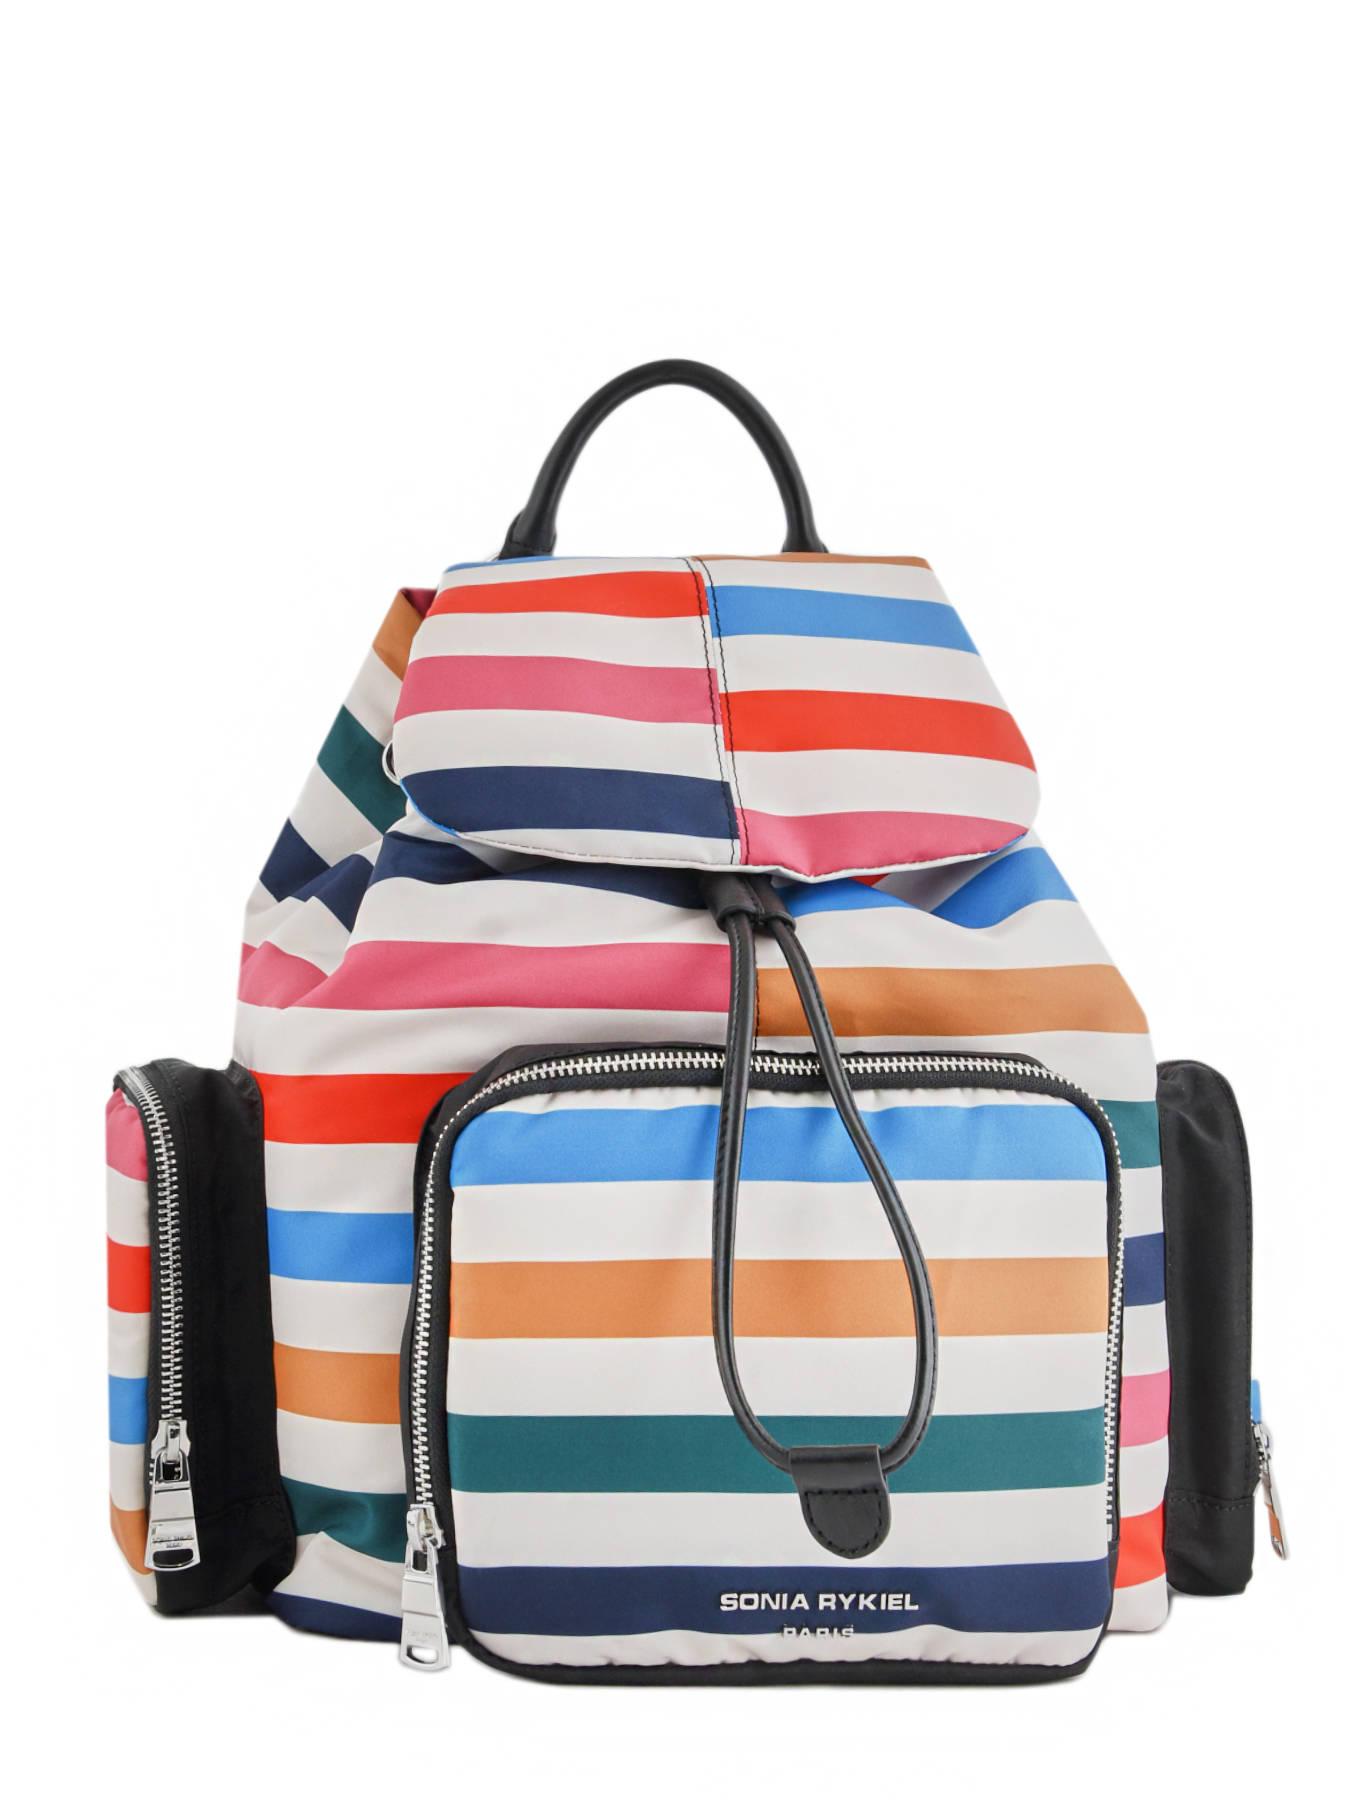 8d58673ee02 ... Large Backpack Forever Nylon Sonia rykiel Multicolor forever nylon  2283-38 ...